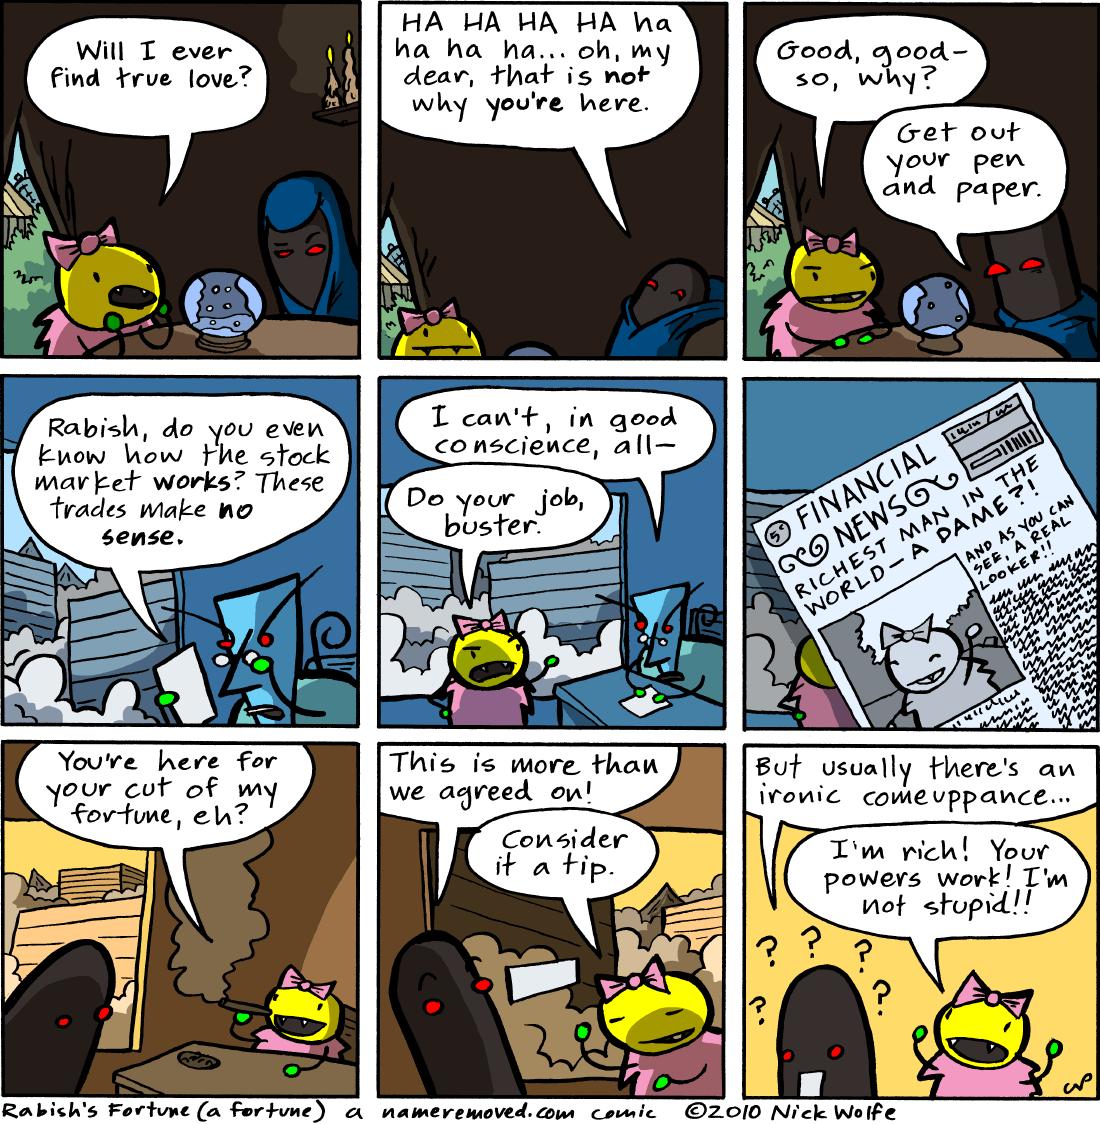 Rabish's Fortune (a fortune)